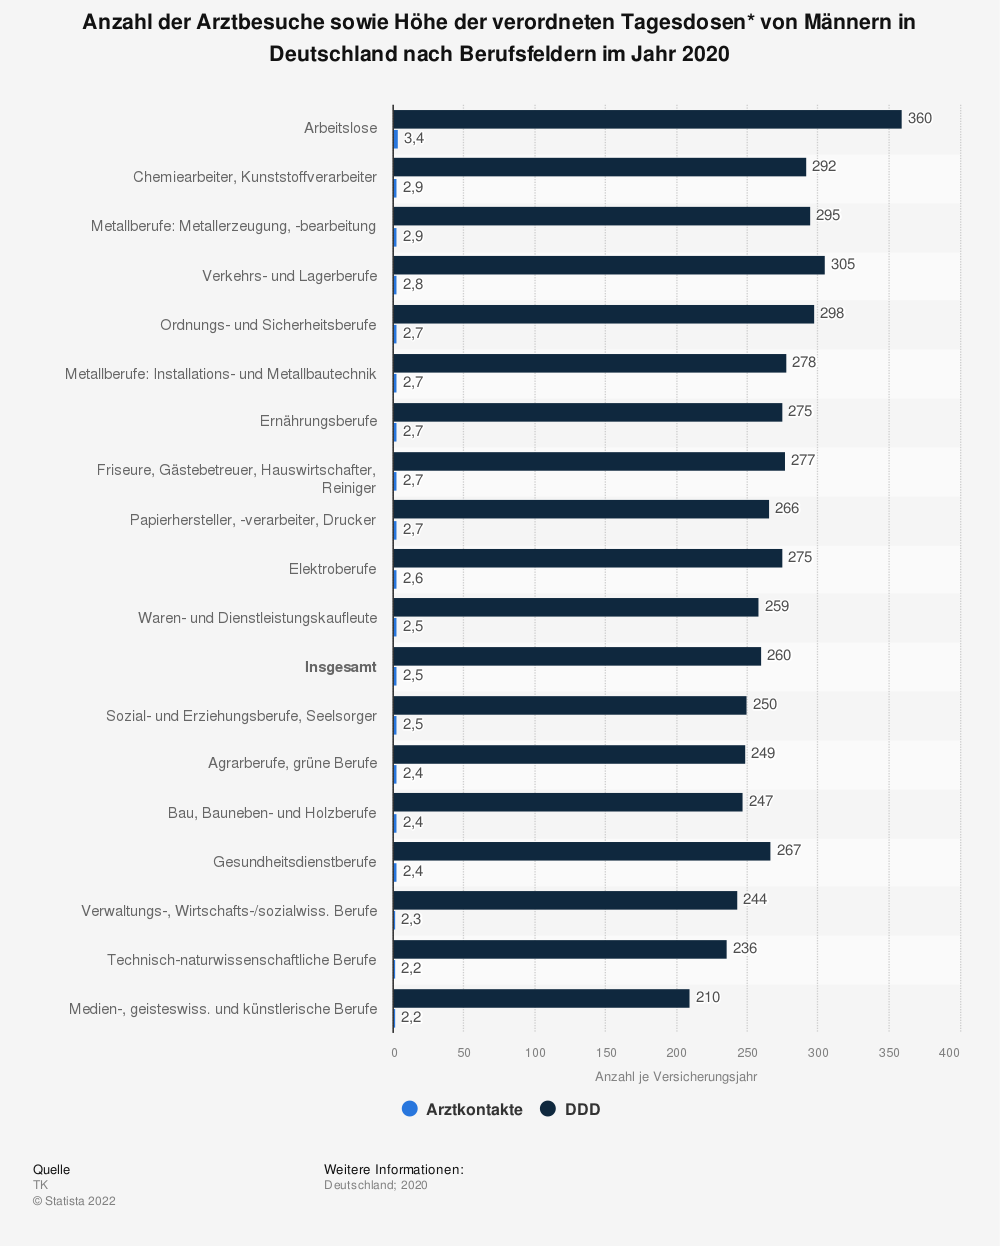 Statistik: Anzahl der Arztbesuche sowie Höhe der verordneten Tagesdosen* von Männern in Deutschland nach Berufsfeldern im Jahr 2018 | Statista